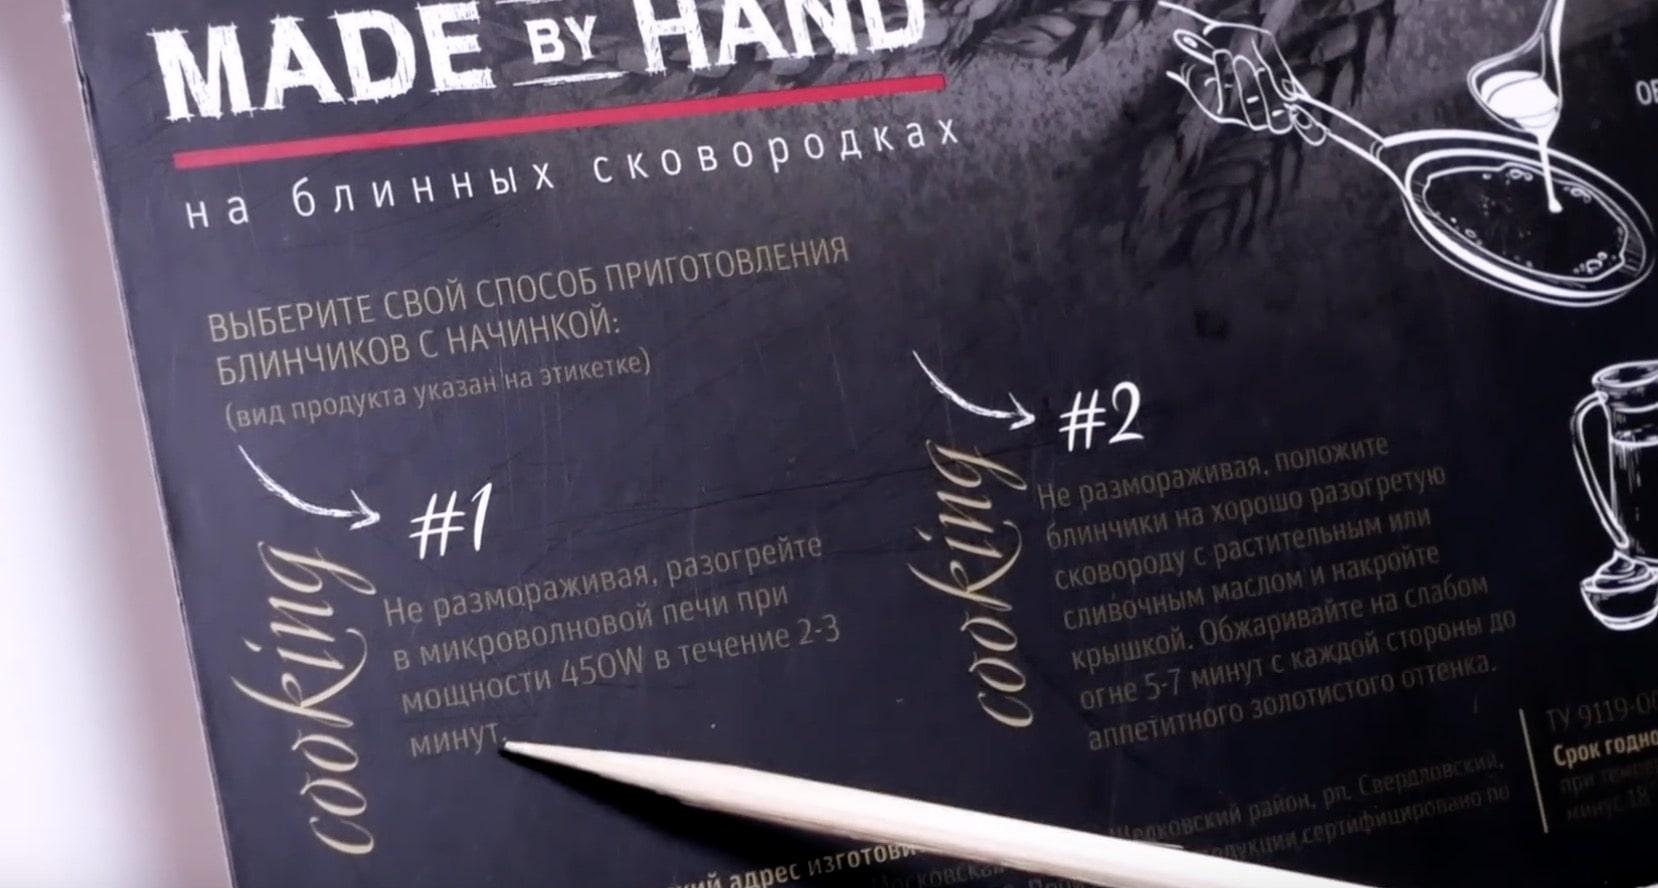 состав блинов сибирская коллекции-min